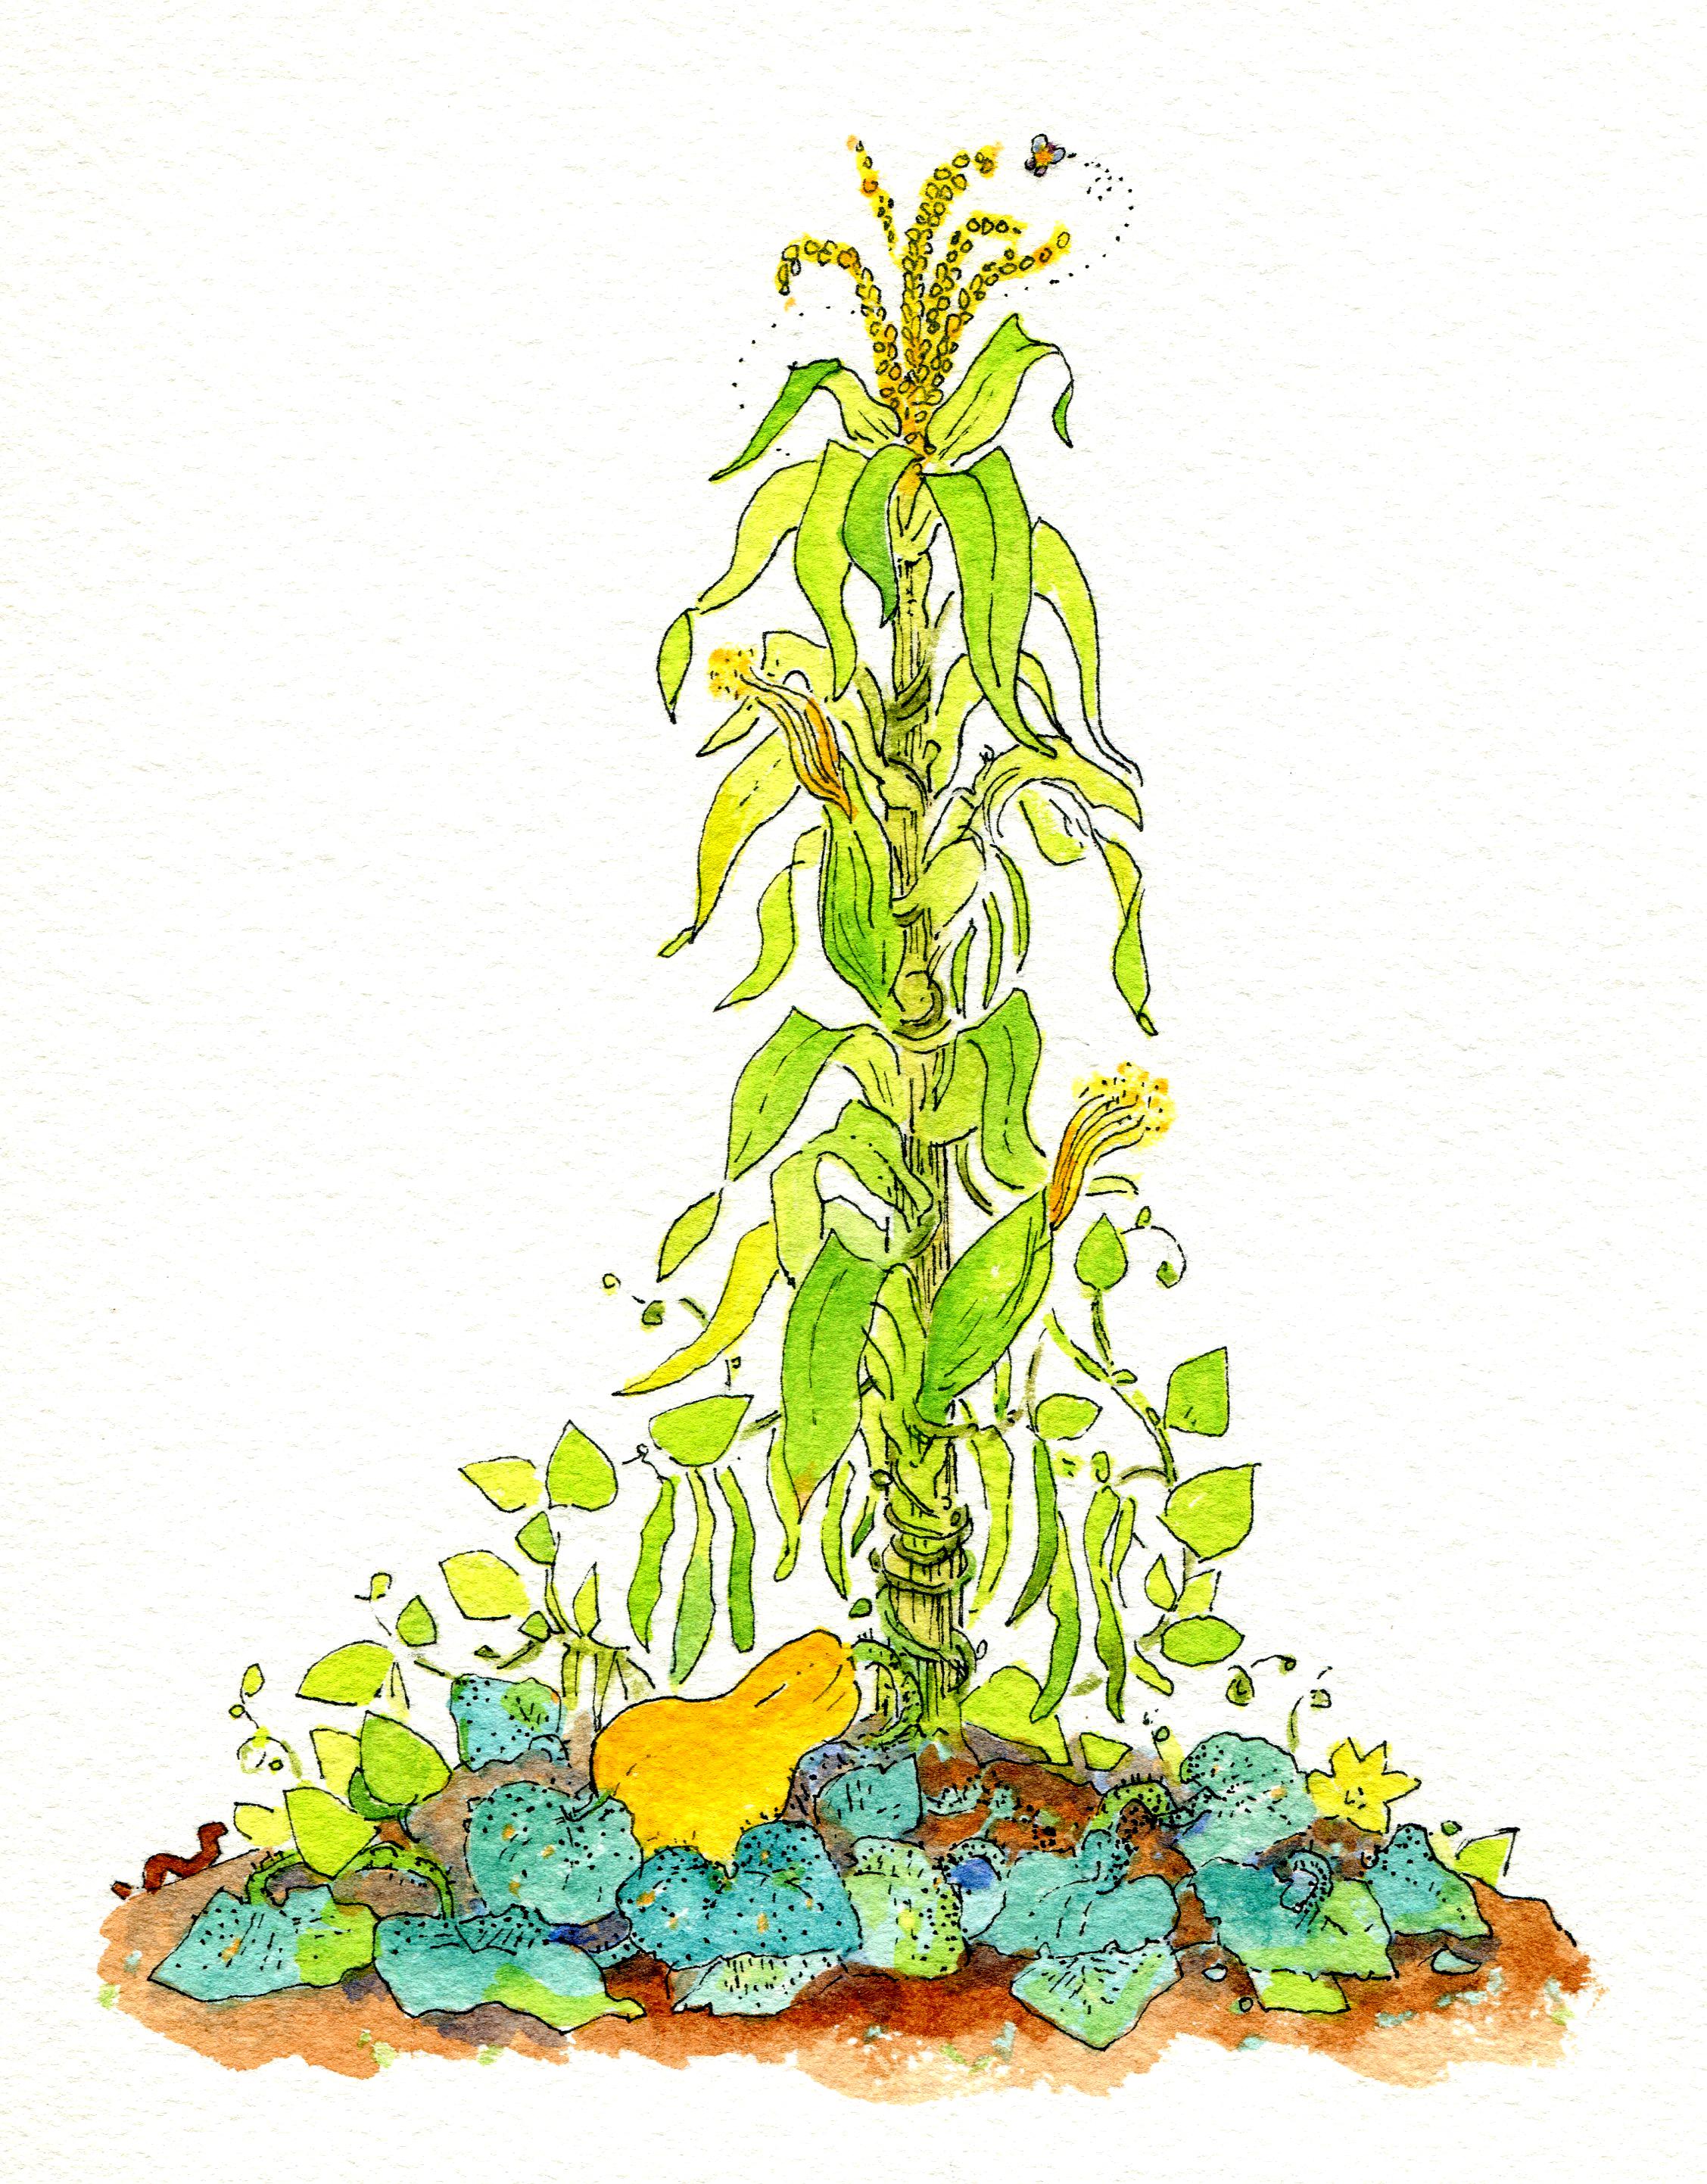 Encuentra en la huerta de las tres hermanasa dos animalitos que la ayudan a crecer. Ilustración de Cristina Brusca